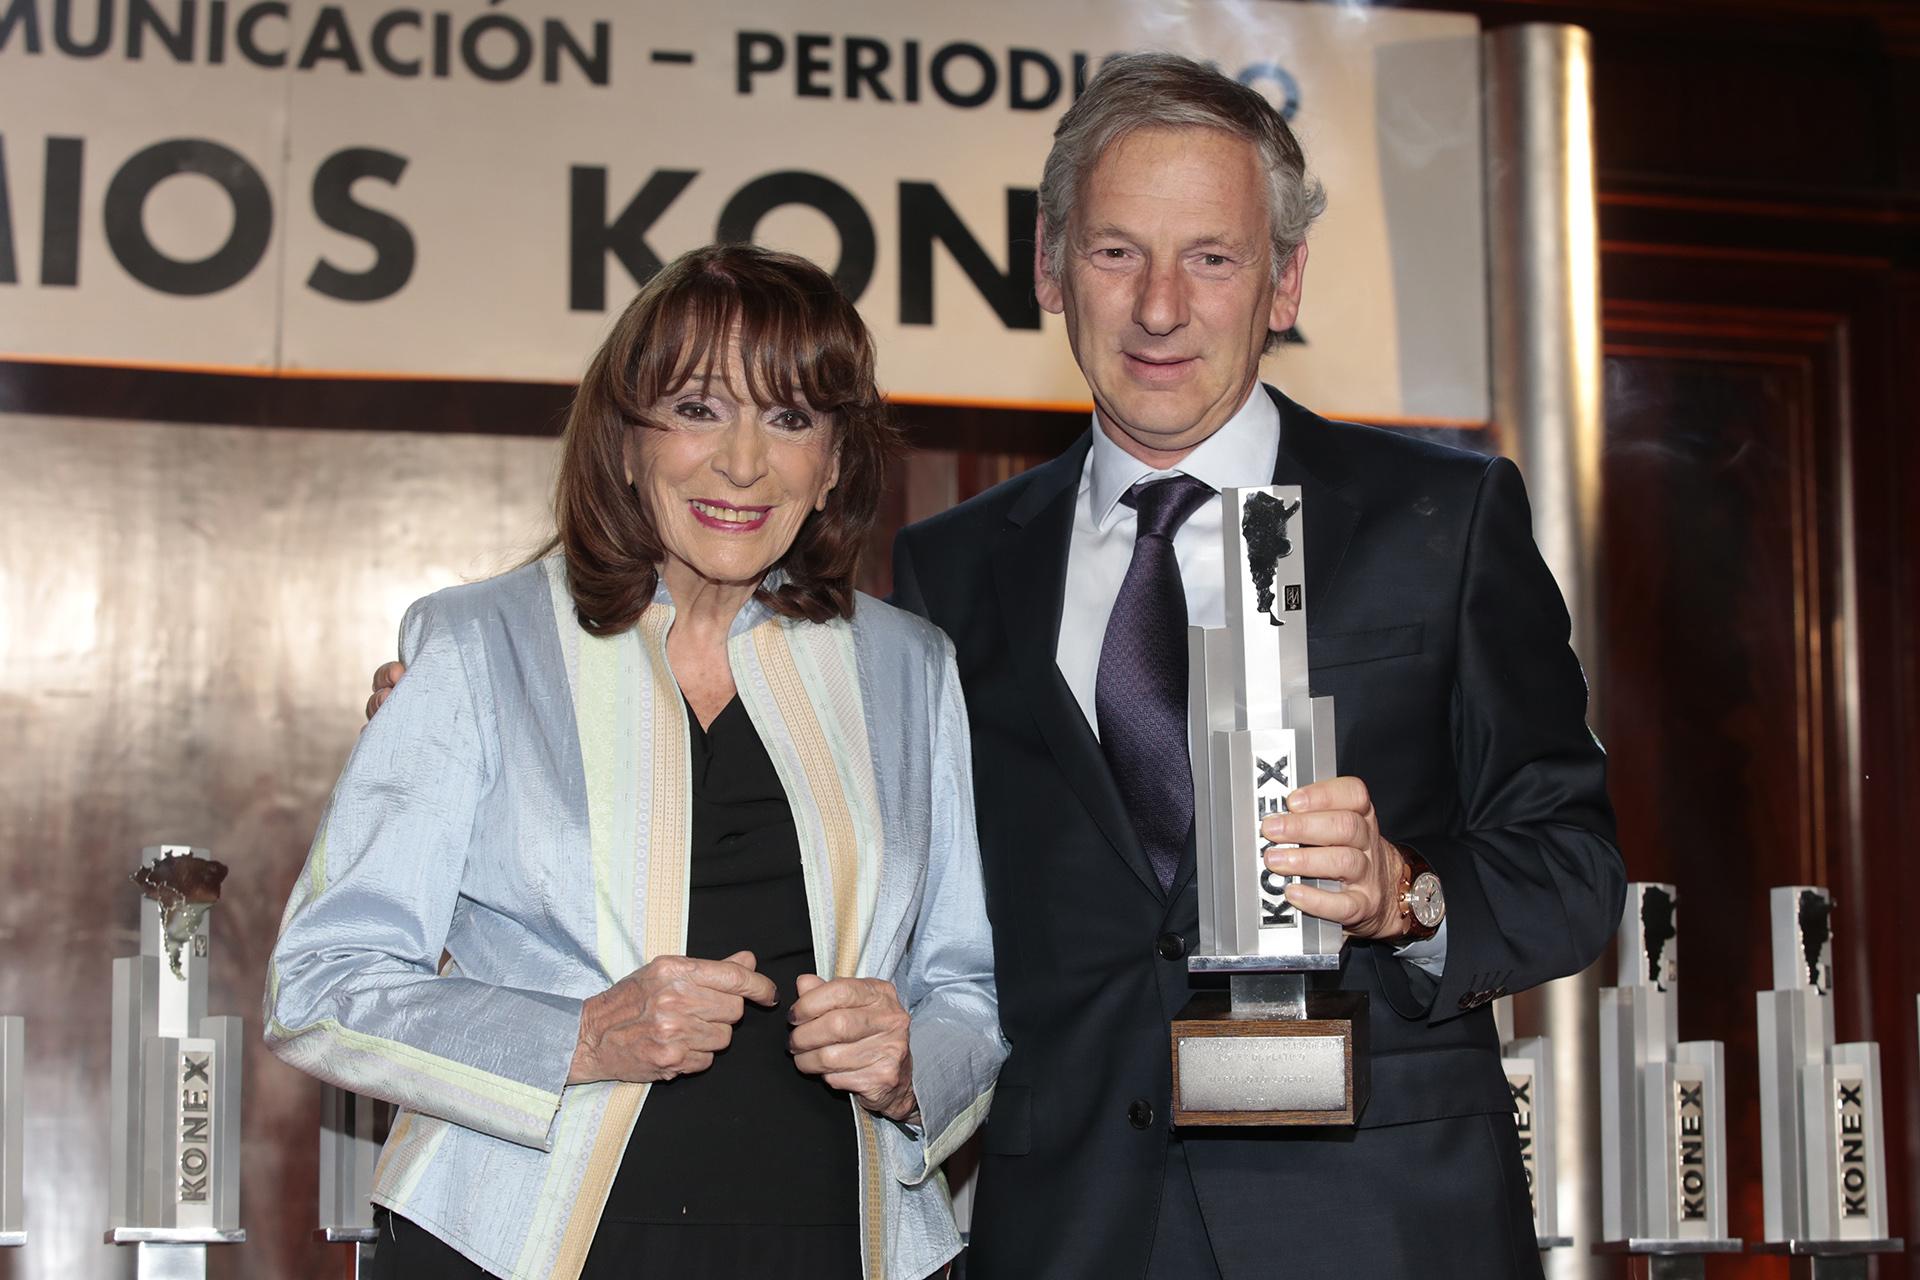 Magdalena Ruiz Guiñazú y el ganador del Konex de Platino en Radio, Marcelo Longobardi